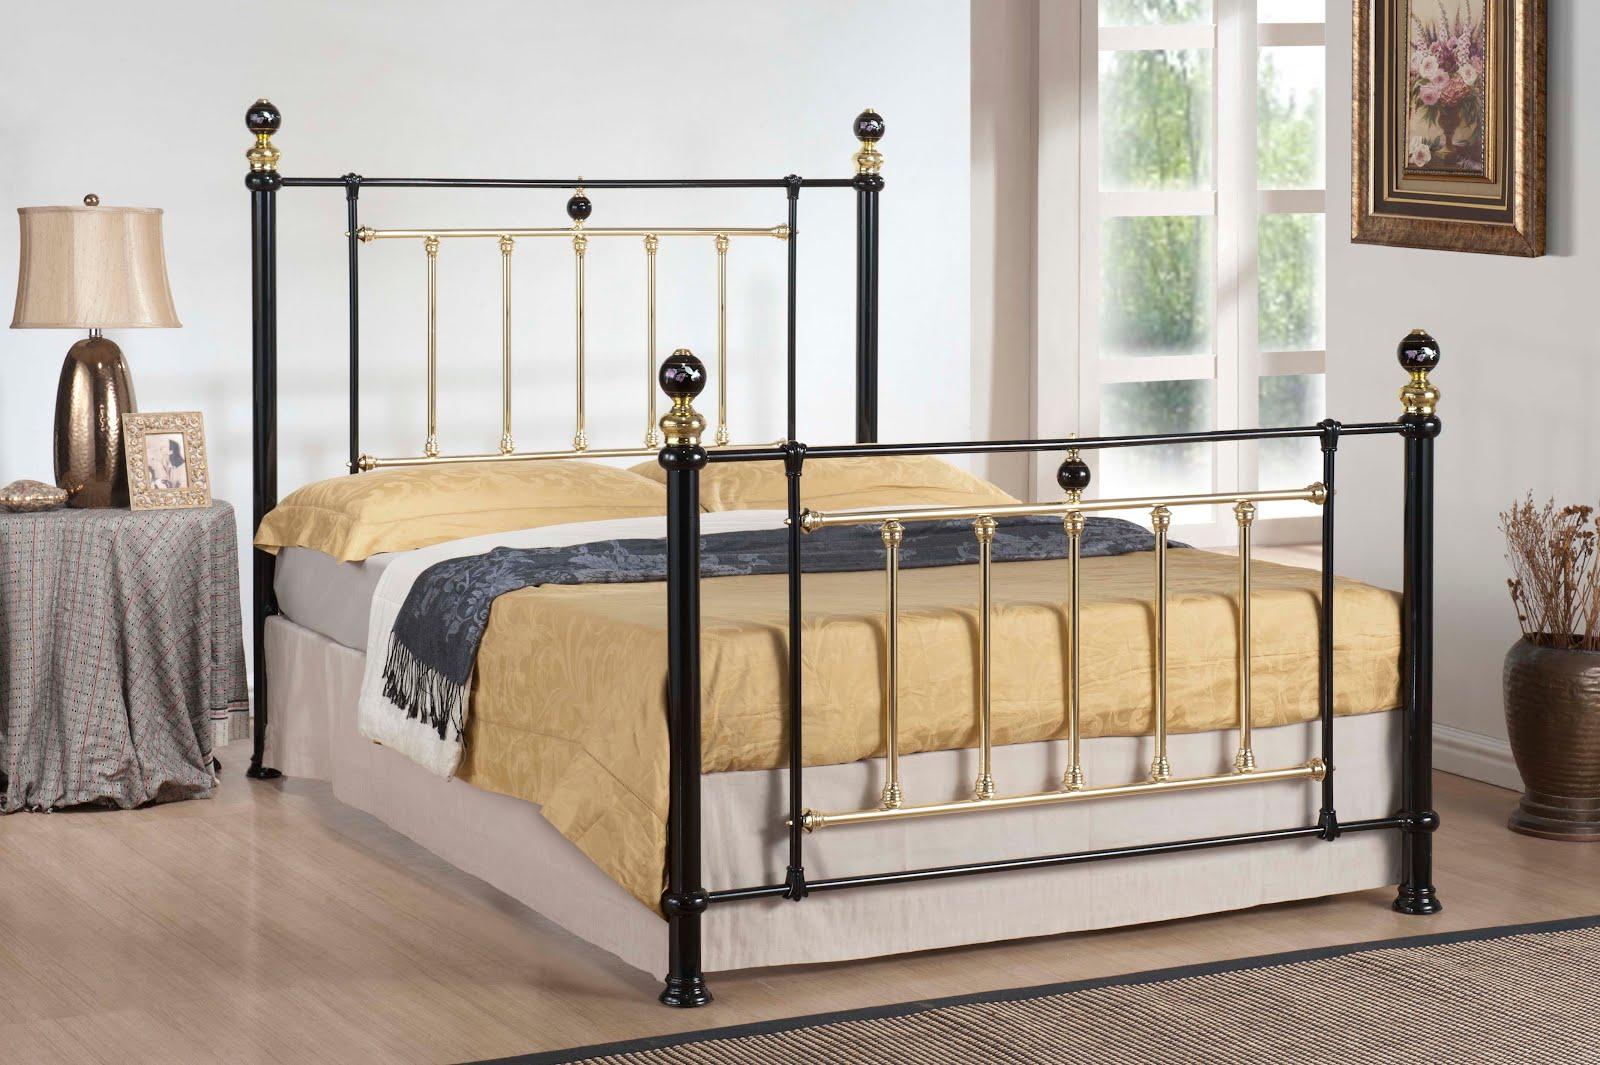 Золоченая кровать из черного металла